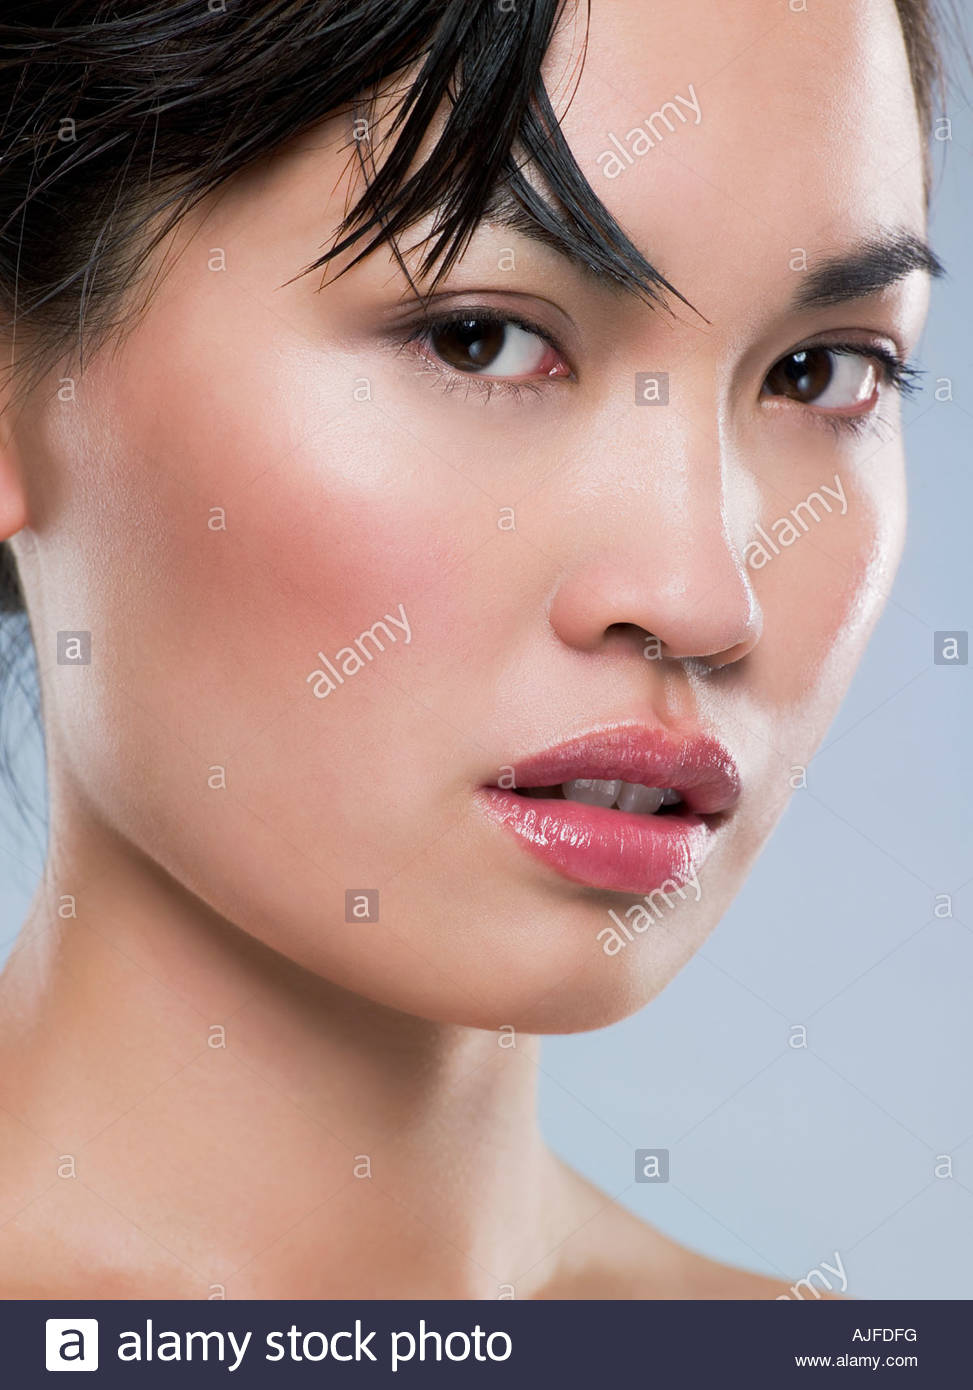 Nahaufnahme von einer jungen chinesischen Womans Gesicht Stockbild